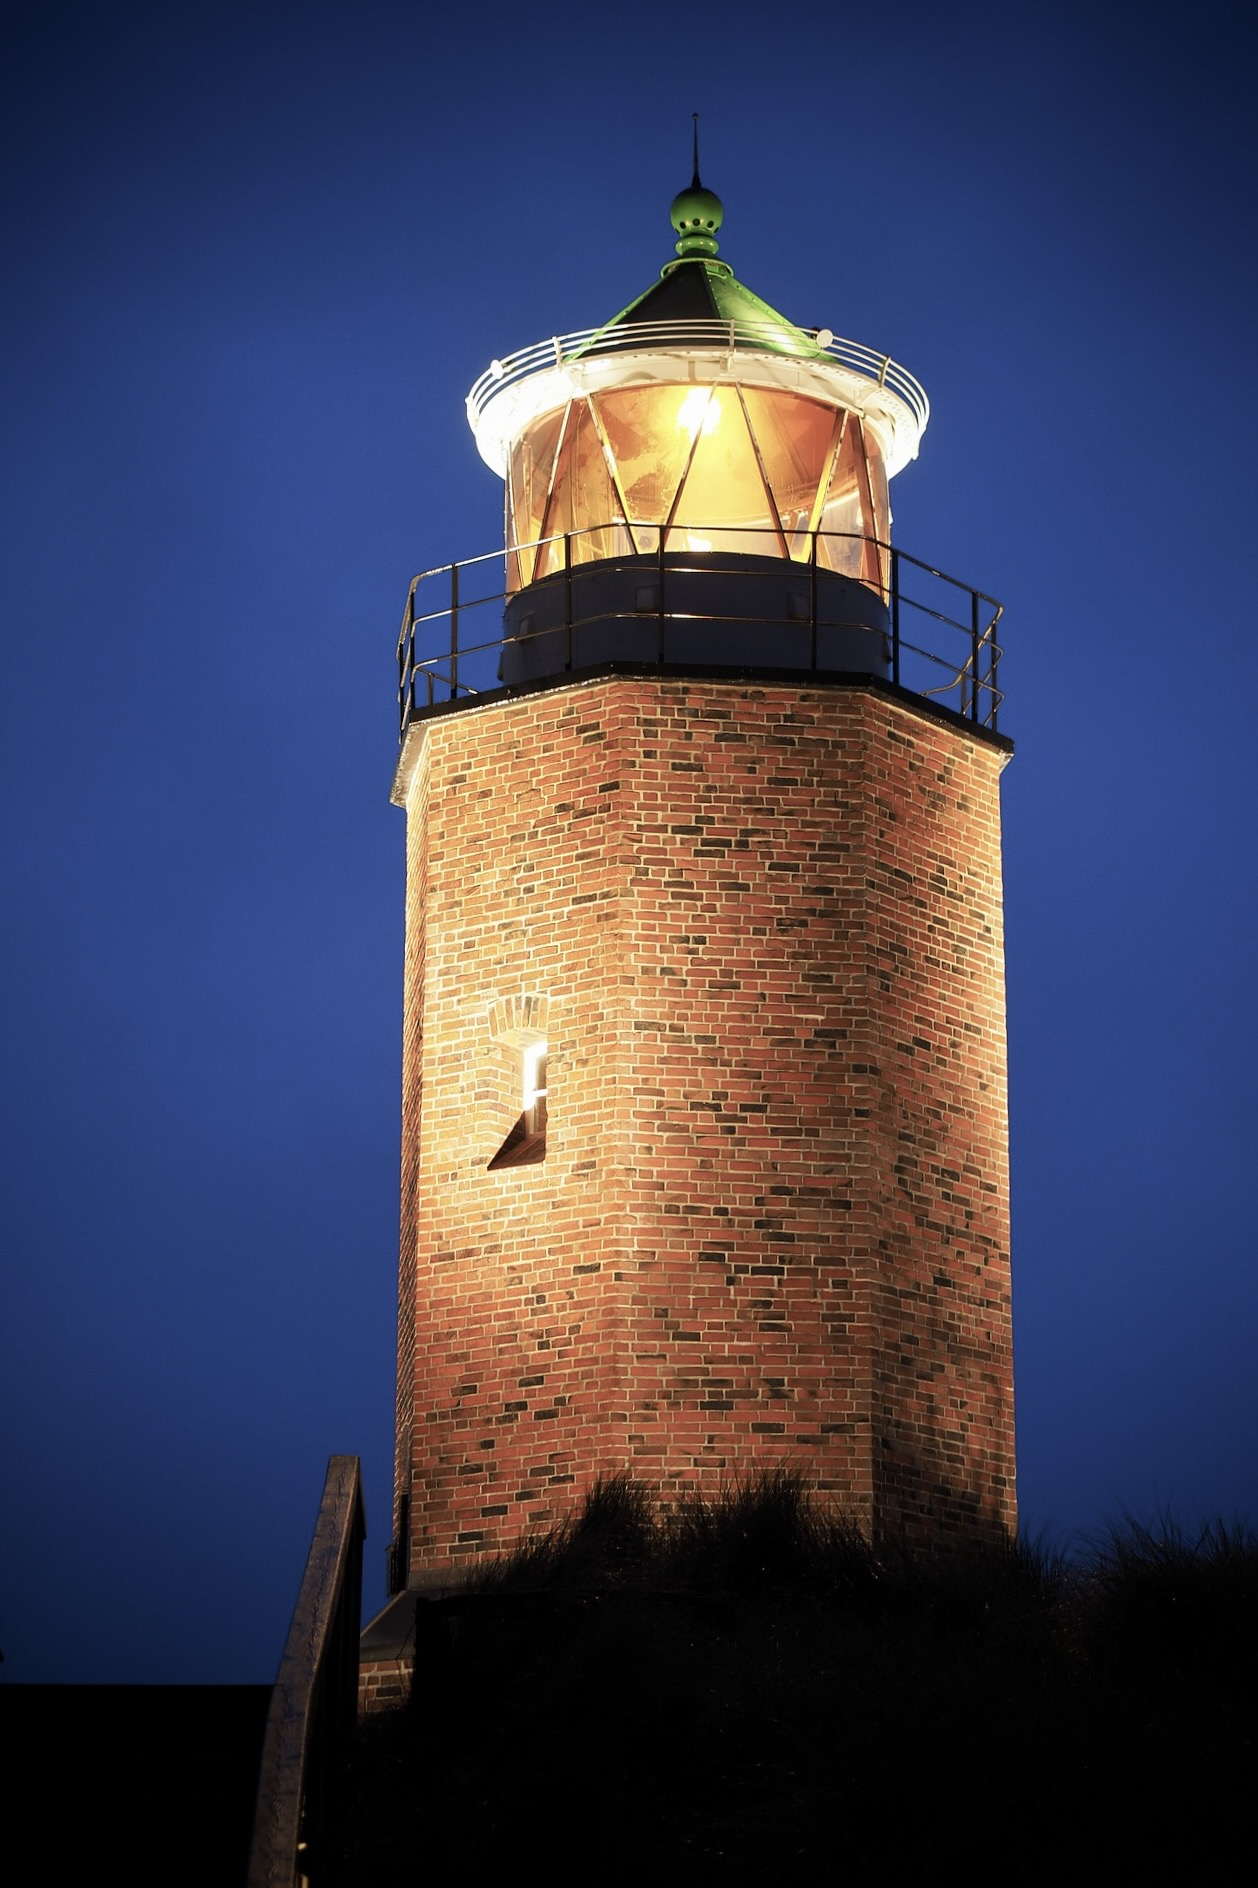 Das Quermarkenfeuer am Roten Kliff zählt zu den besten Sylt Highlights und Sehenswürdigkeiten